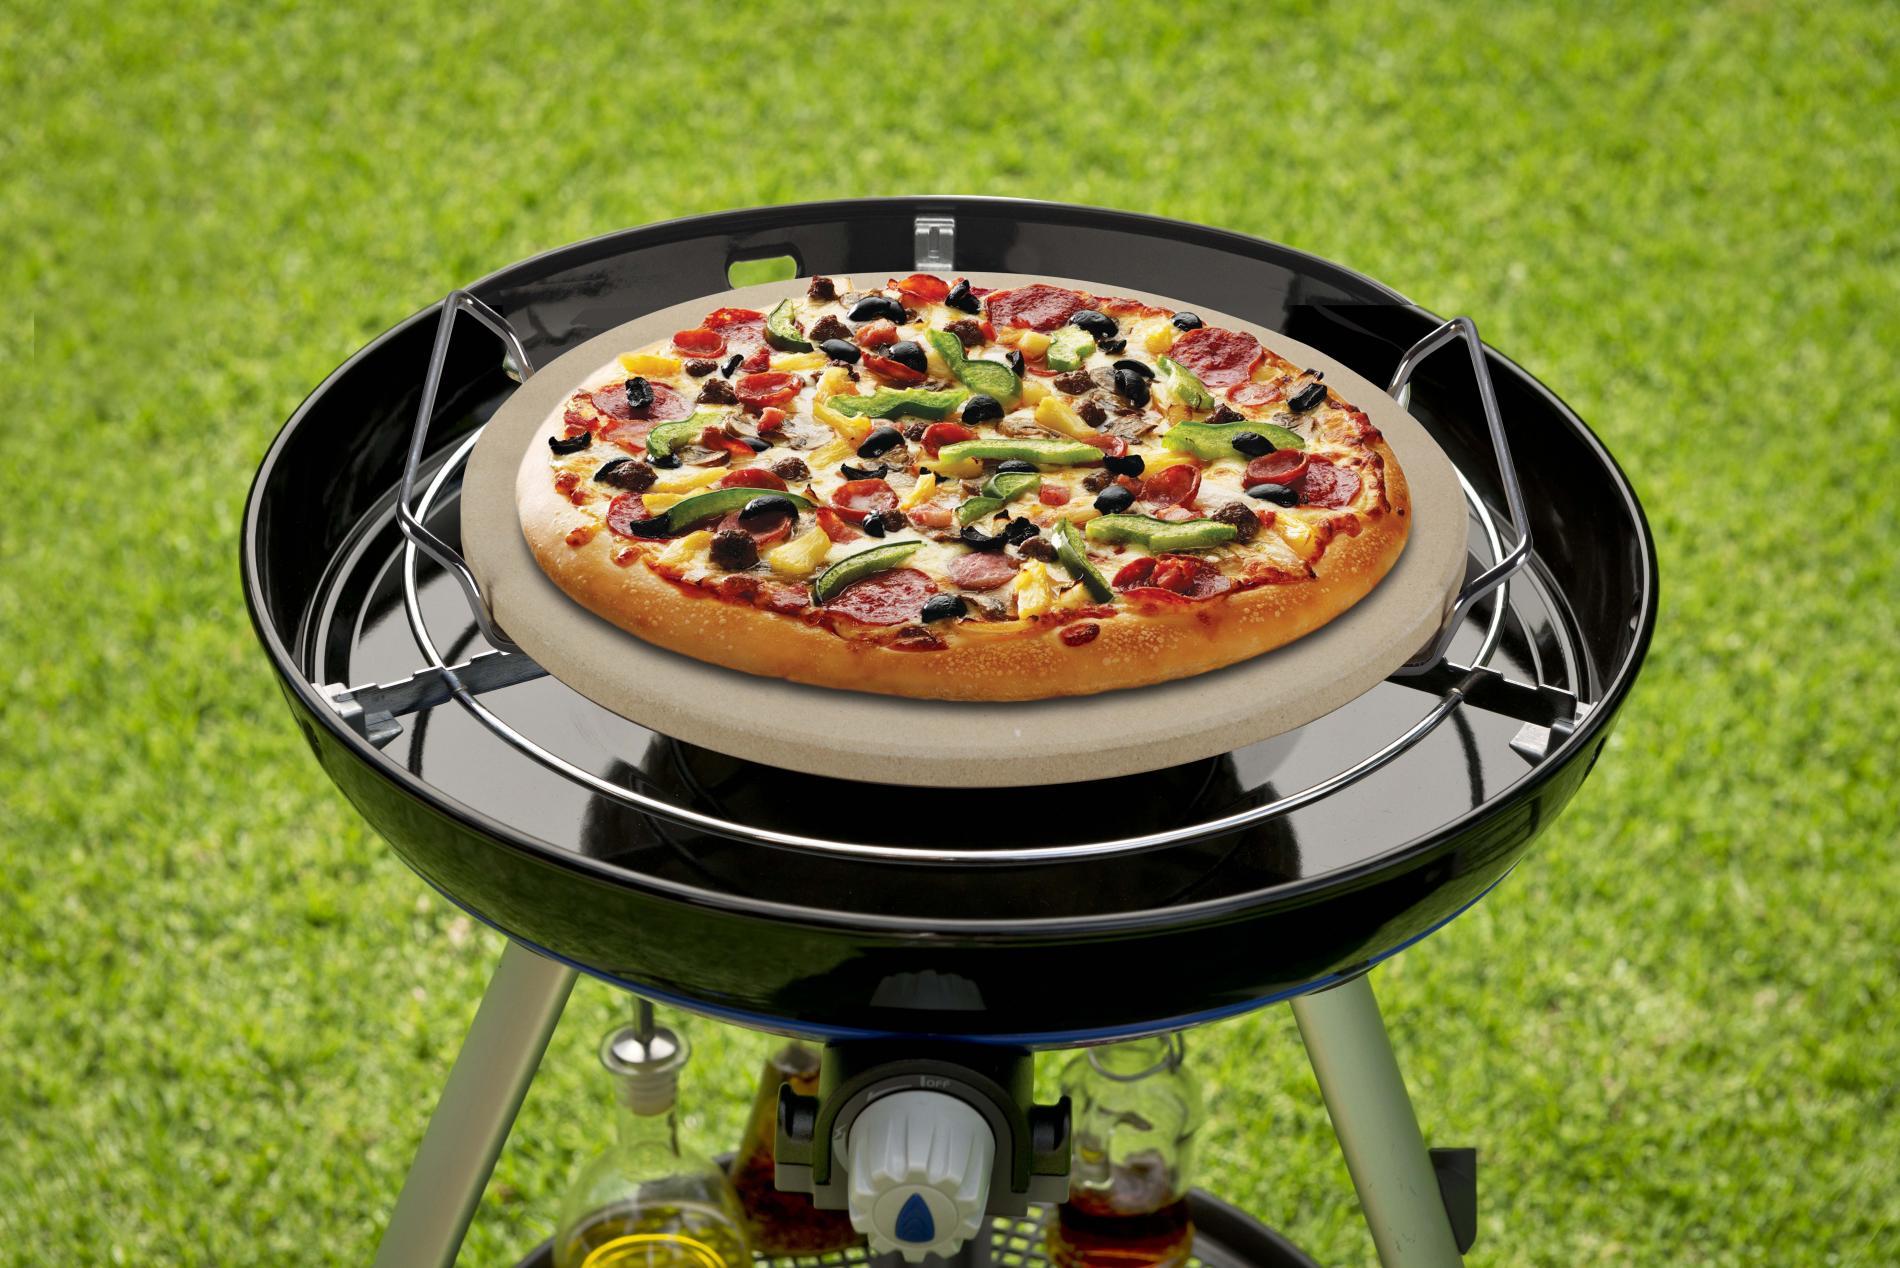 Upiecz pizzę na swoim grillu